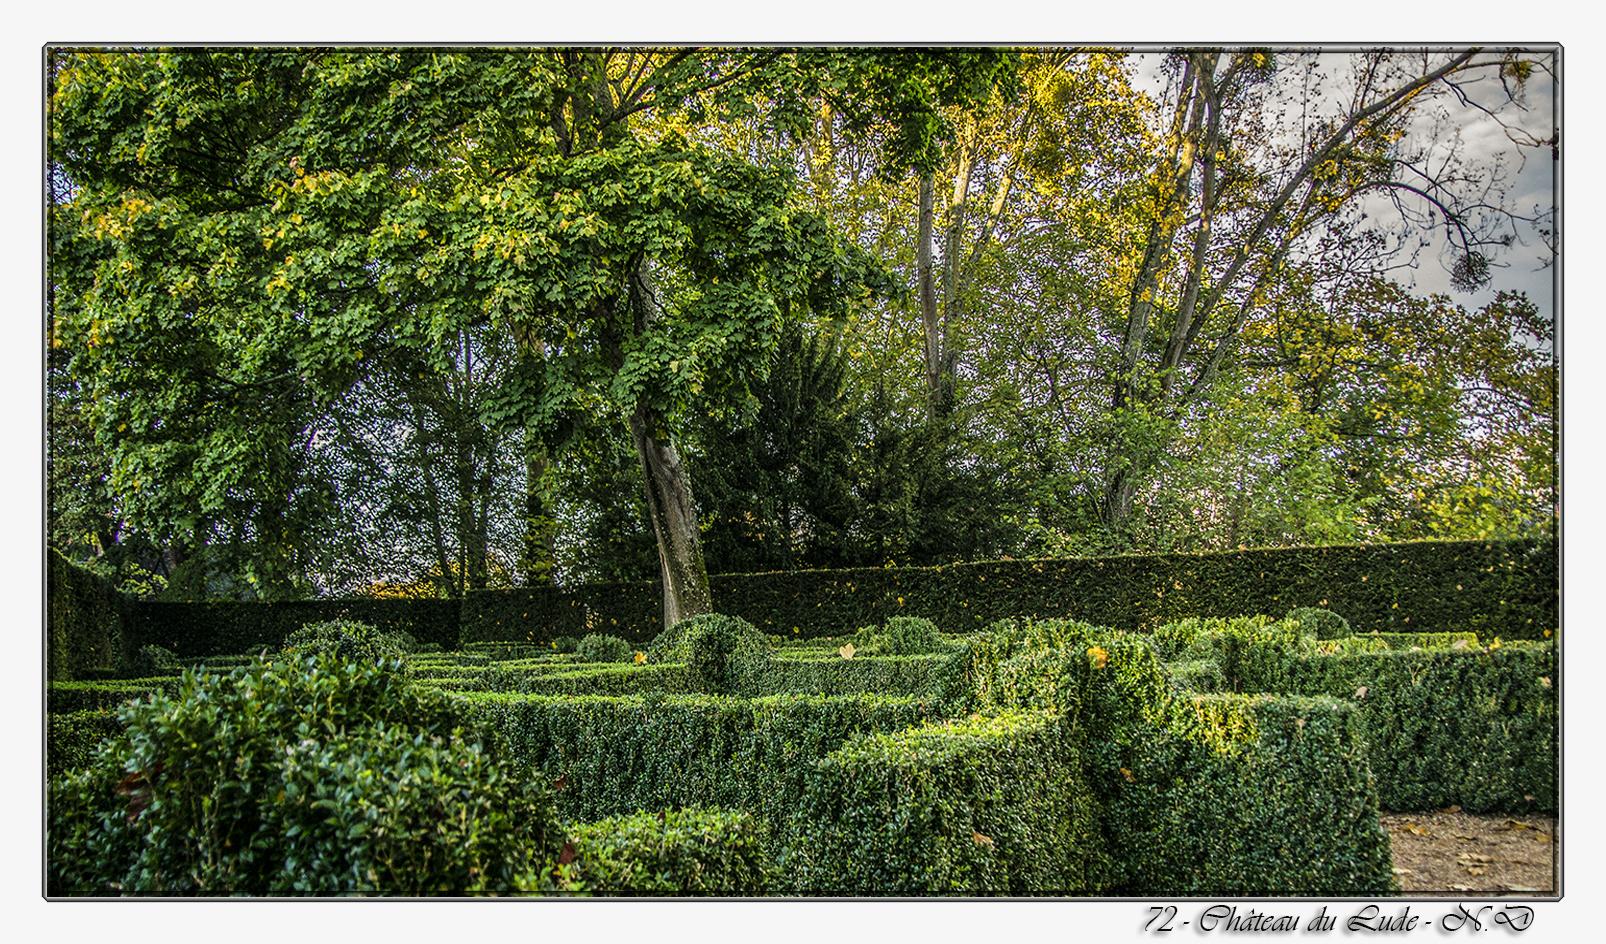 72 - Château du Lude - Le labyrinthe